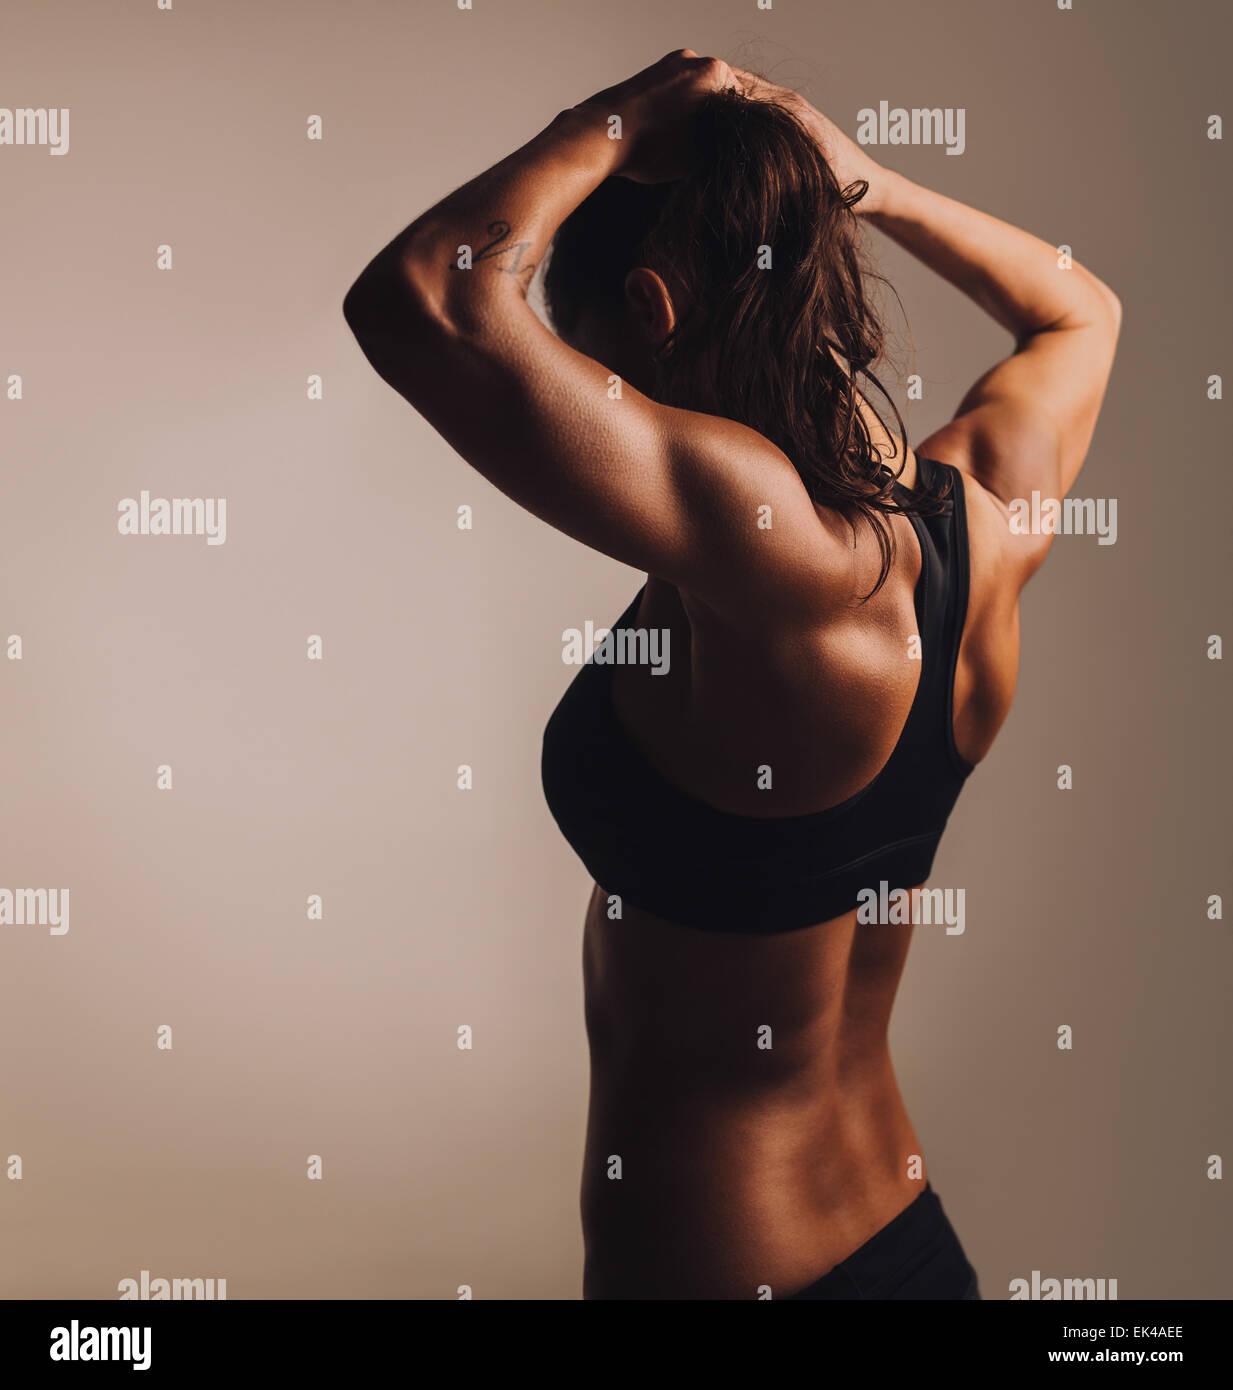 Vista trasera del joven culturista mostrando cuerpo musculoso. Hembra de Fitness muscular mostrando hacia atrás. Imagen De Stock